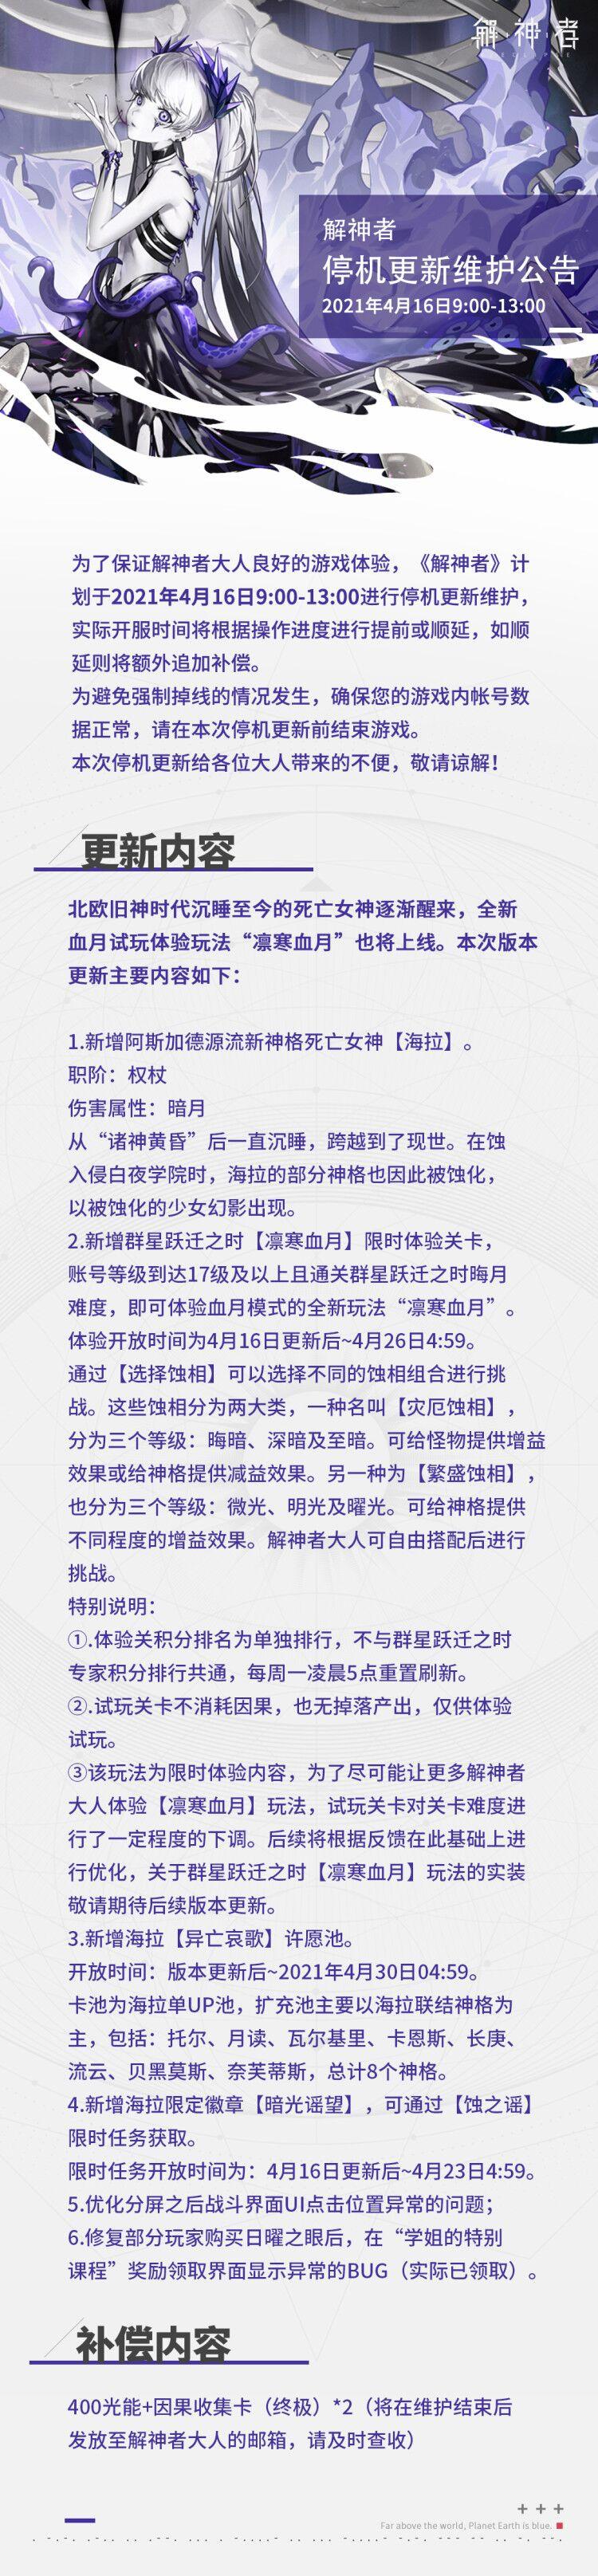 【解神者】2021年4月16日9:00至13:00停机更新维护公告